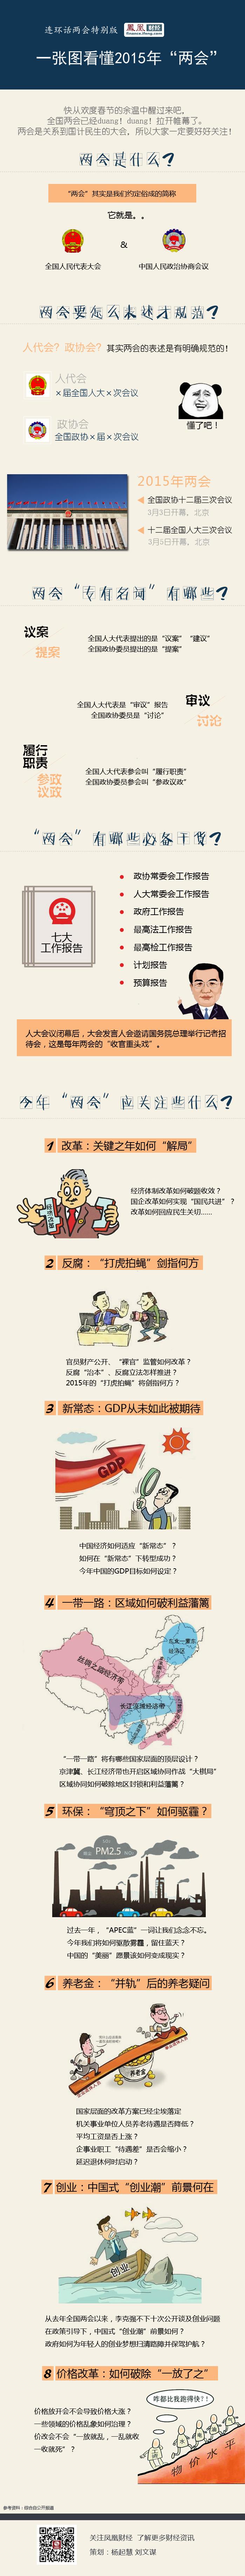 一张图看懂2015年两会 这八个问题要关注 专题 - zhaozhao - zhaozhao的博客